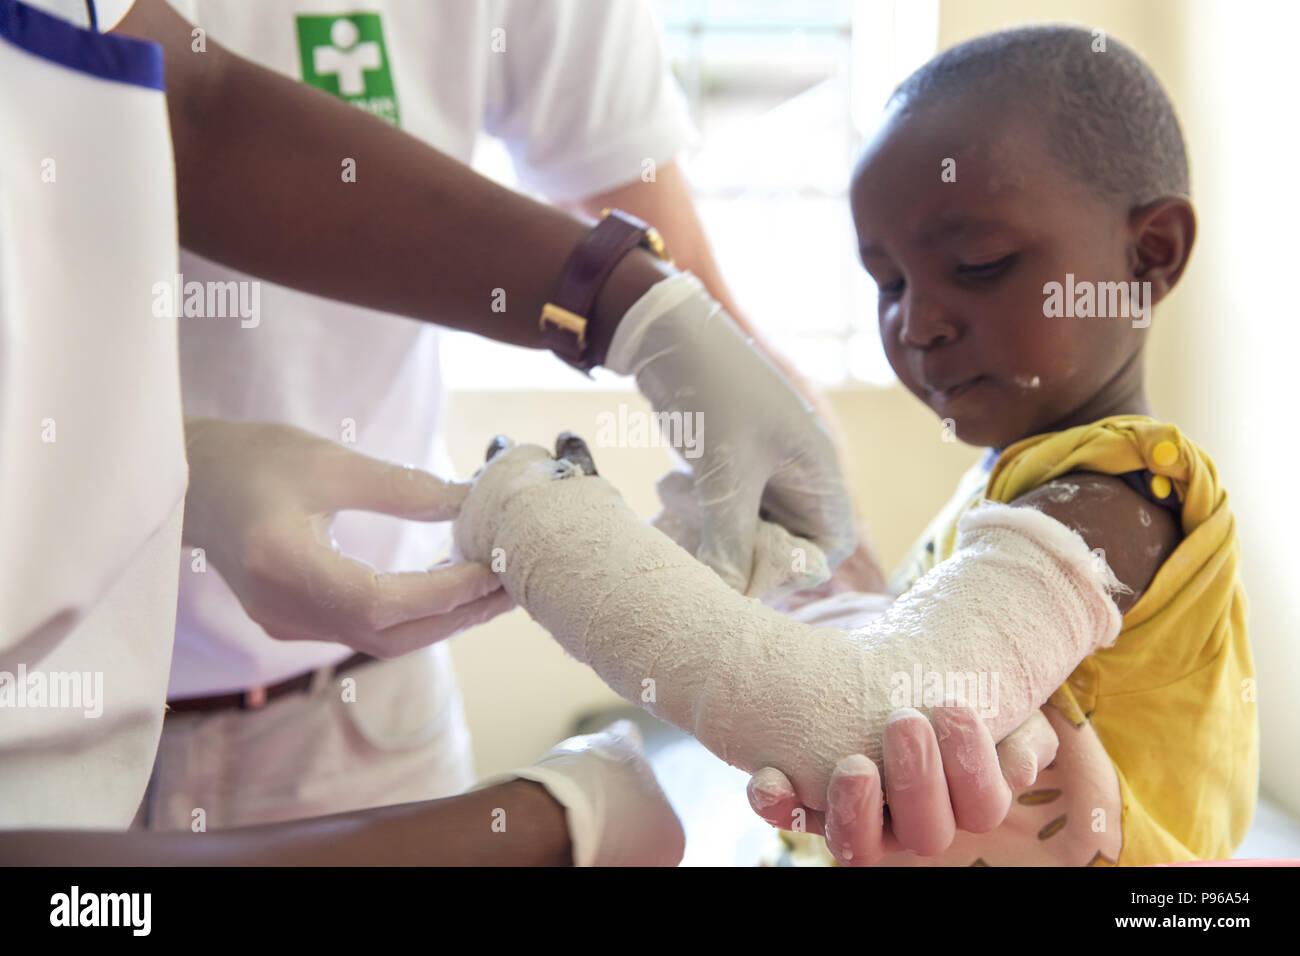 German doctors provide medical help in slums of Nairobi - Kenya - Stock Image